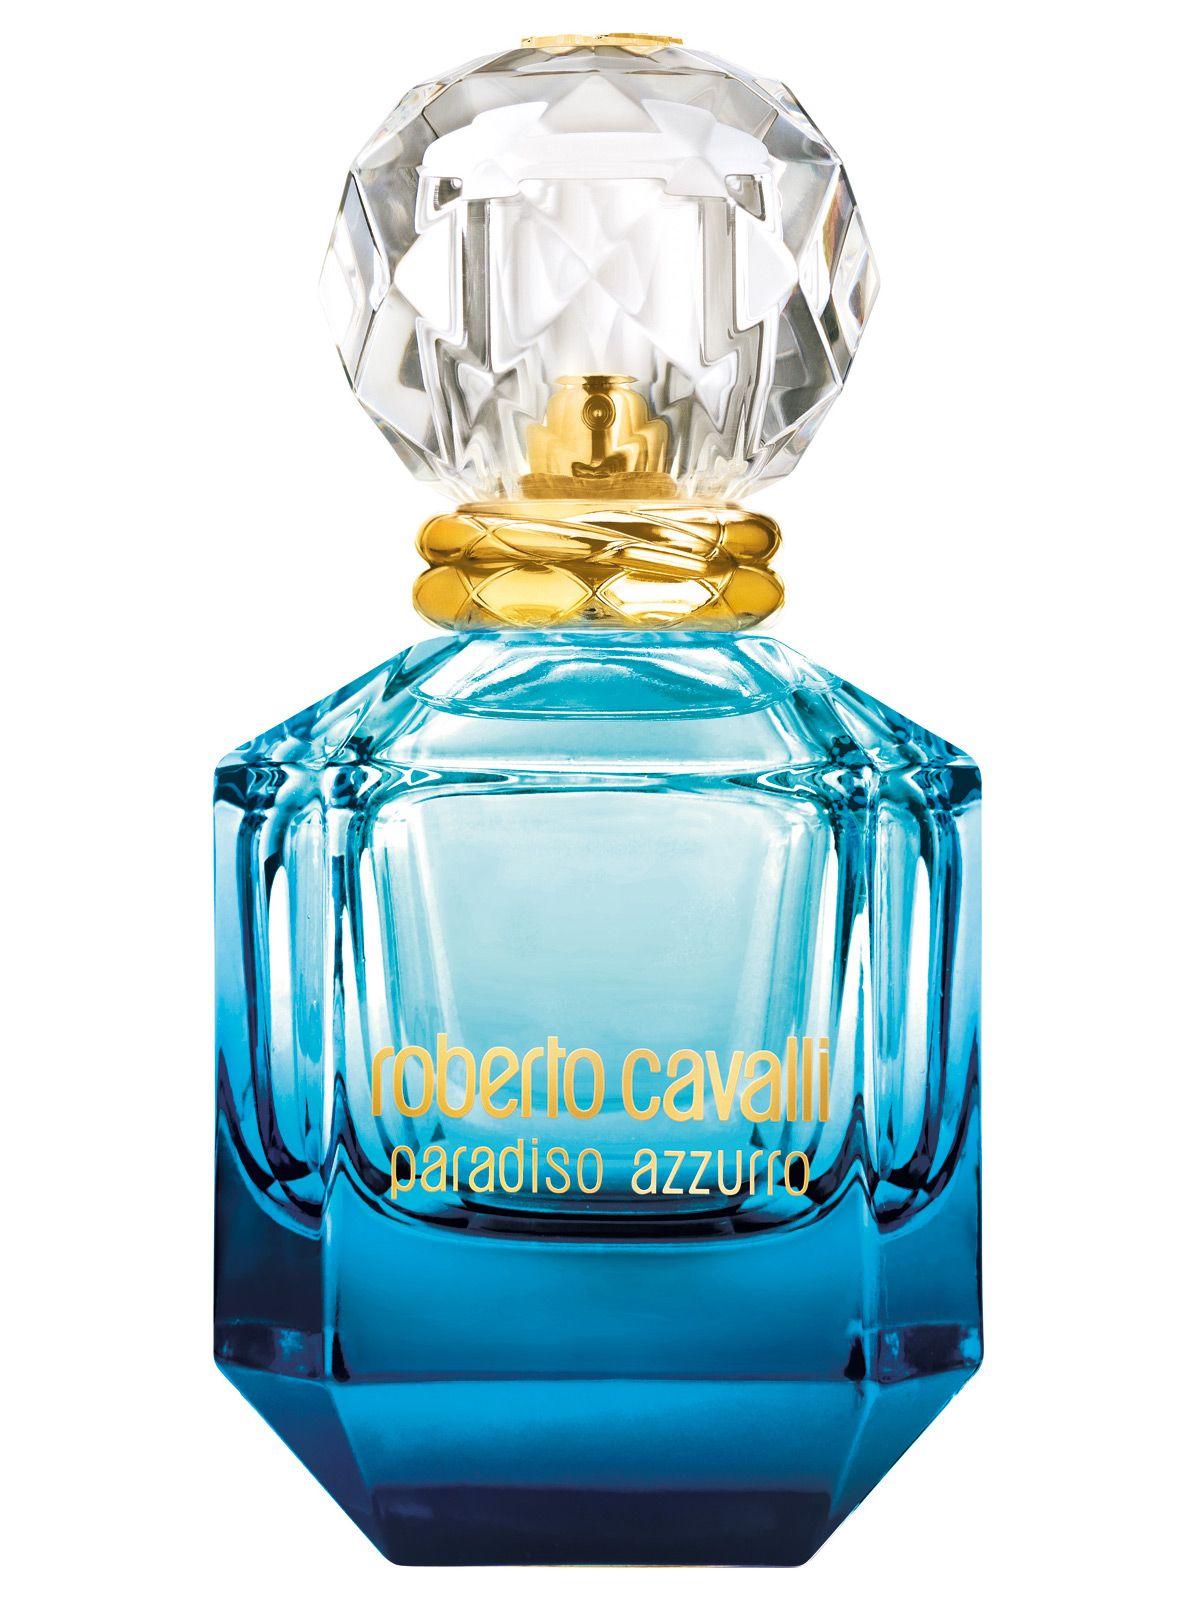 perfume  woman  RobertoCavalli Roberto Cavalli PARADISO AZZURRO Eau de  parfum Vidros De Perfume 428a9ebe0e